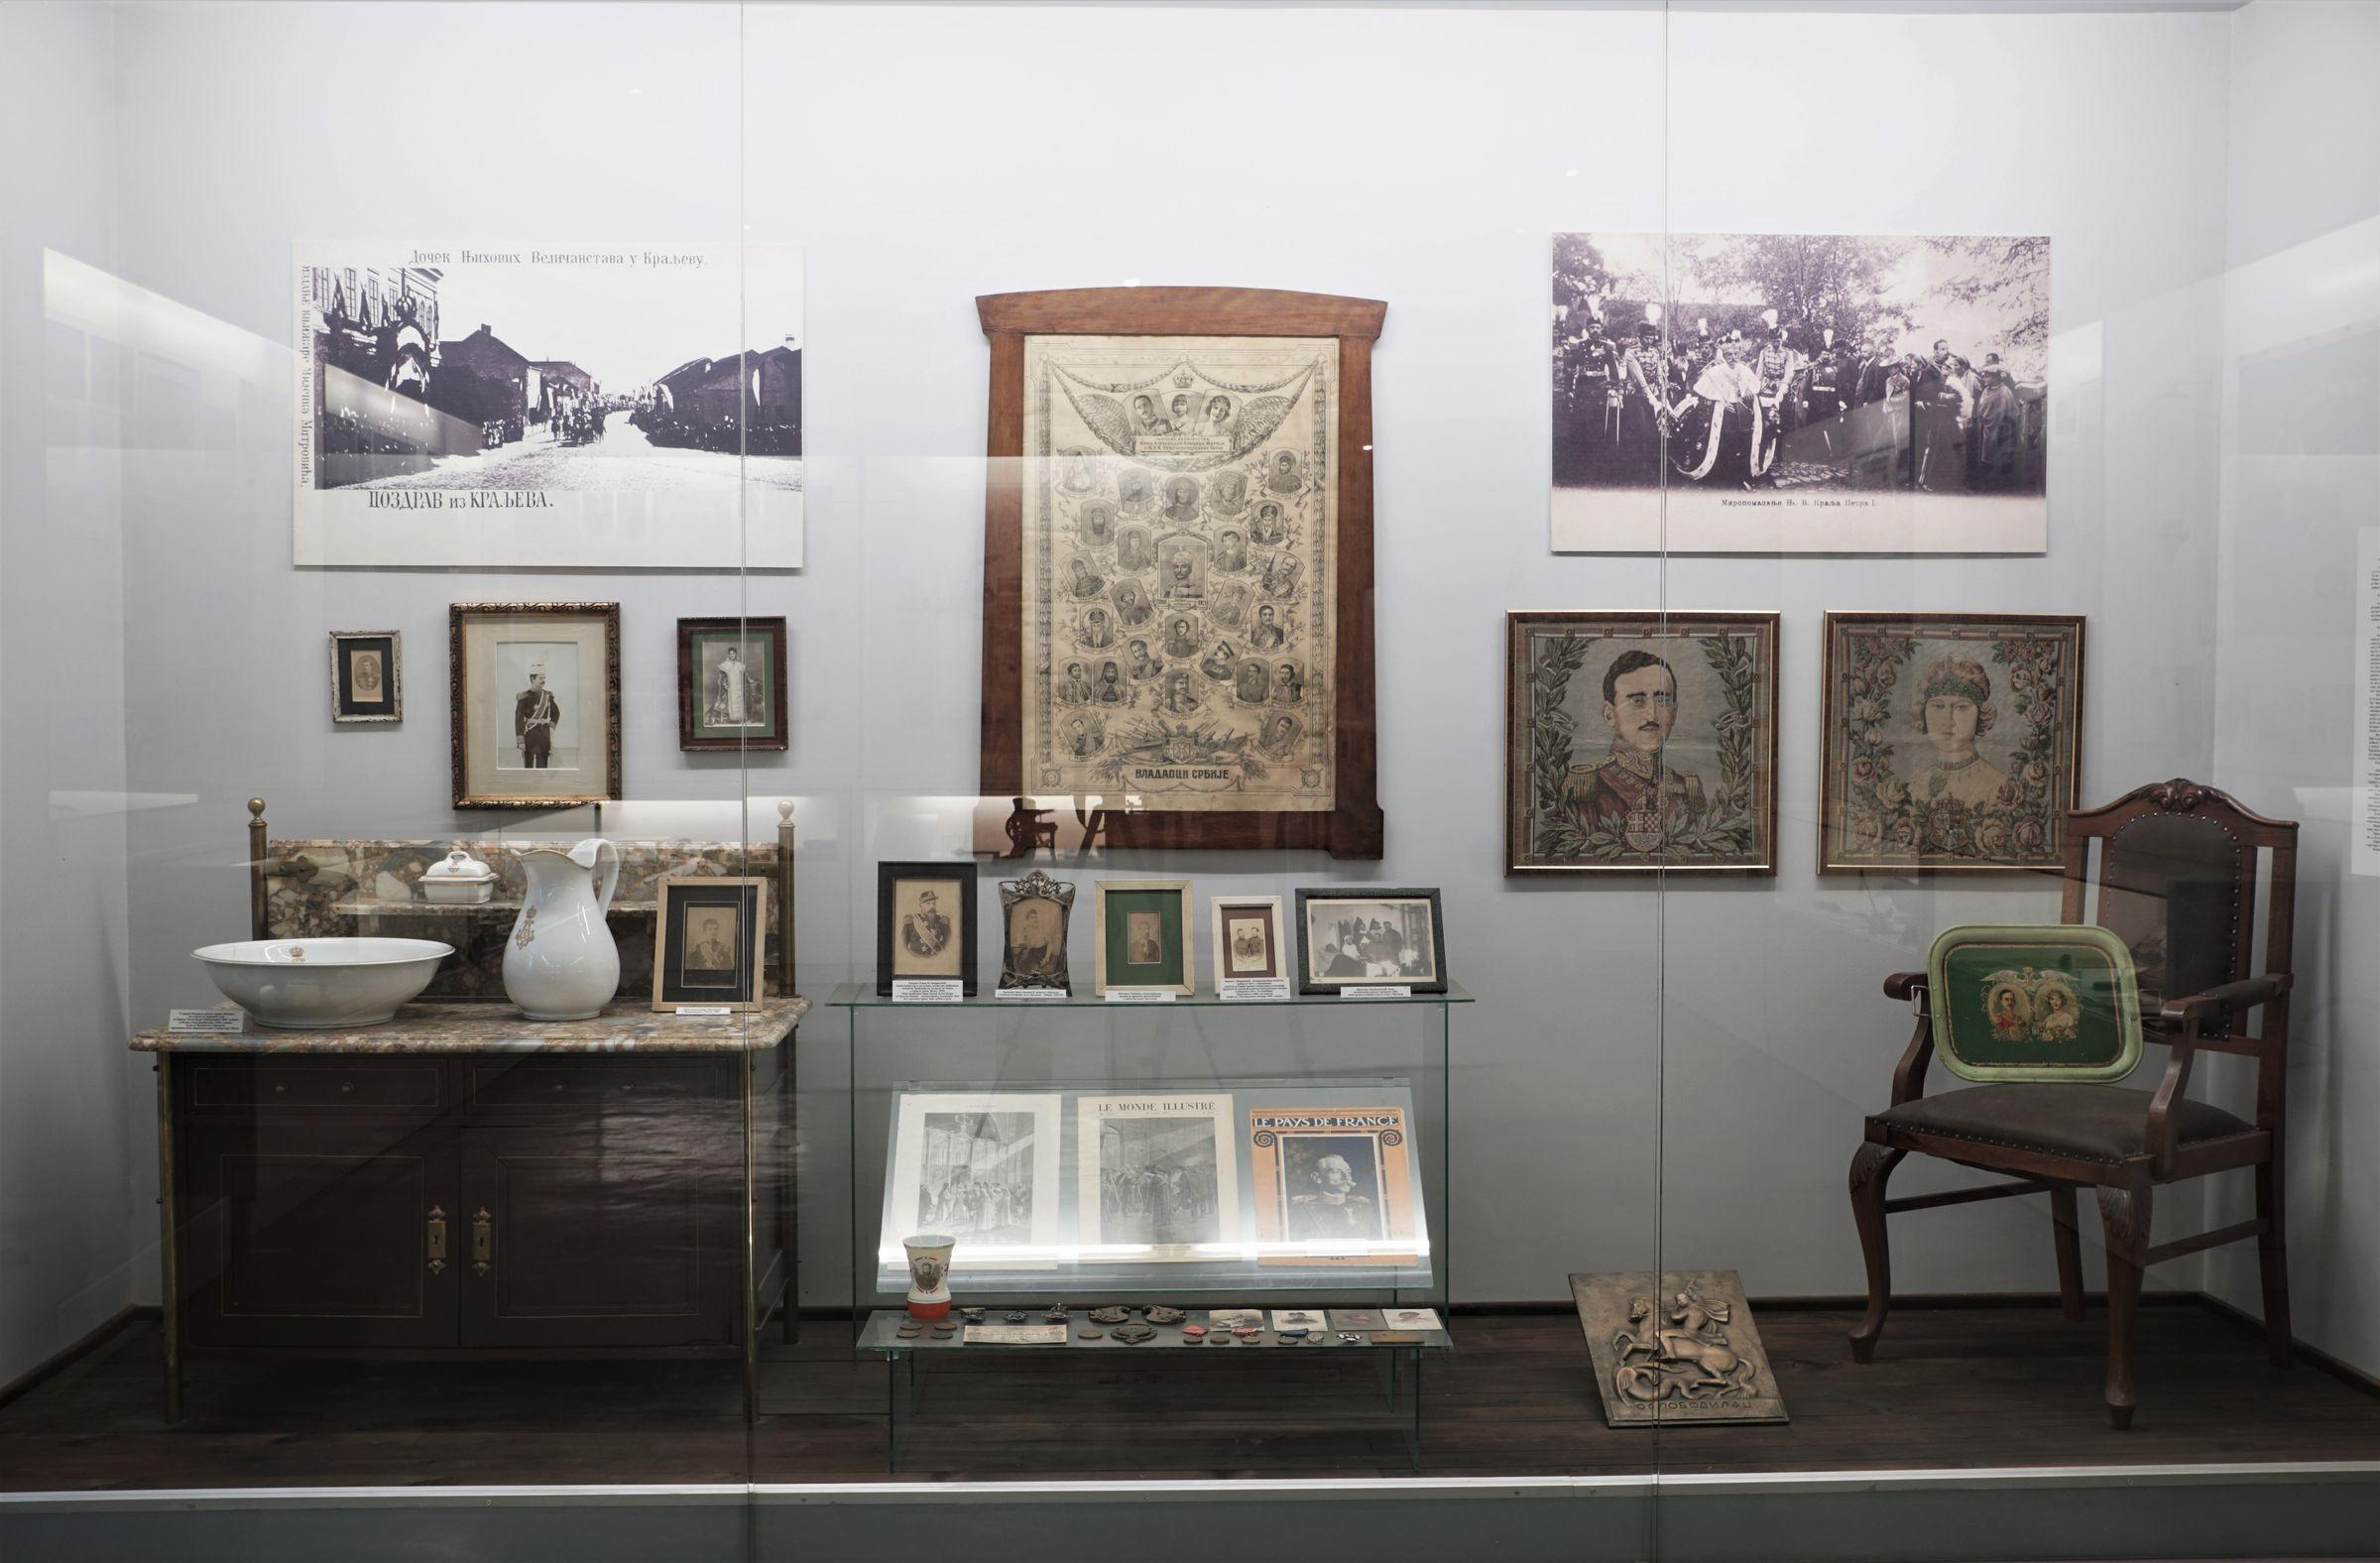 Central display case dedicated to the Obrenovićs and Karađorđevićs in Kraljevo